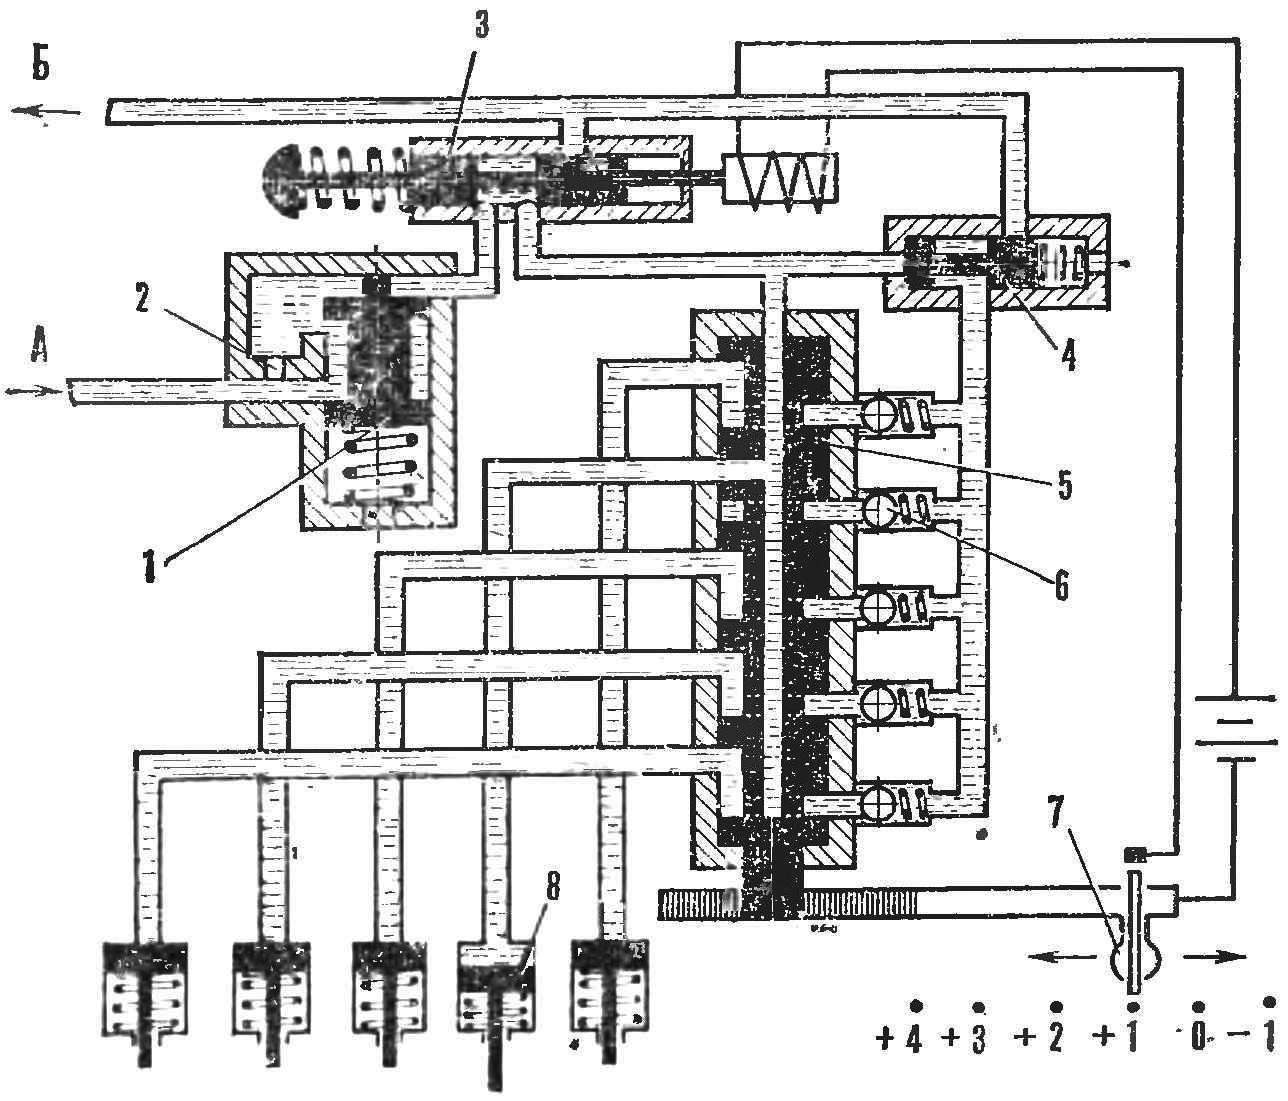 Рис. 3. Схема гидропривода управления коробкой передач